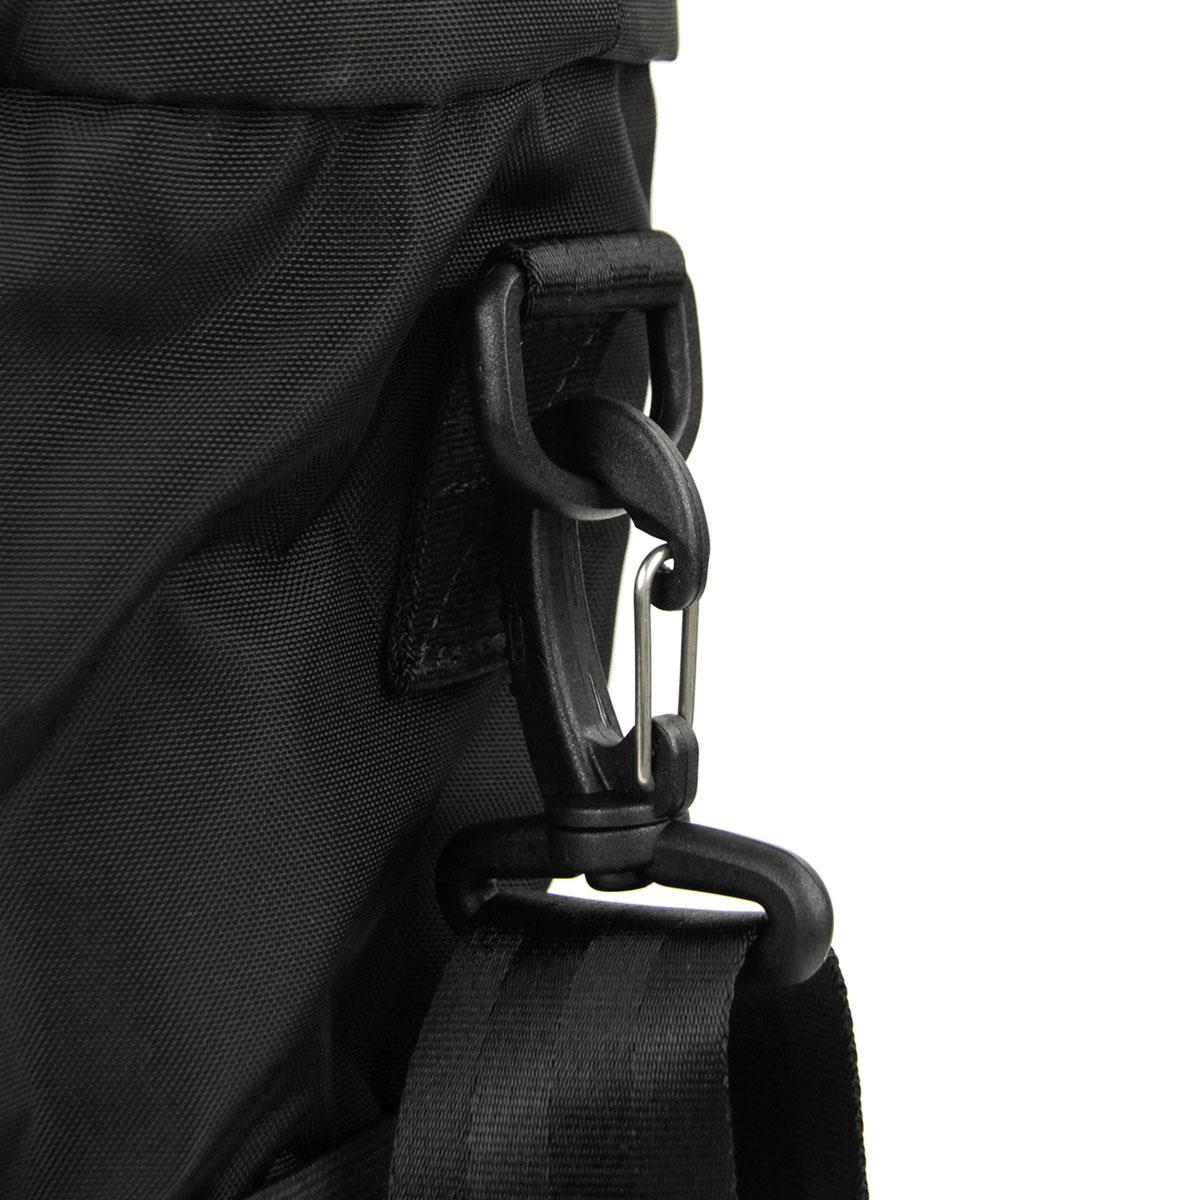 ザ ブラウン バッファロー バッグ メンズ レディース 正規販売店 THE BROWN BUFFALO ショルダーバッグ HELMET BACKPACK BLACK S19HELM420BLACK AA7B B3C C8D D4E E13F